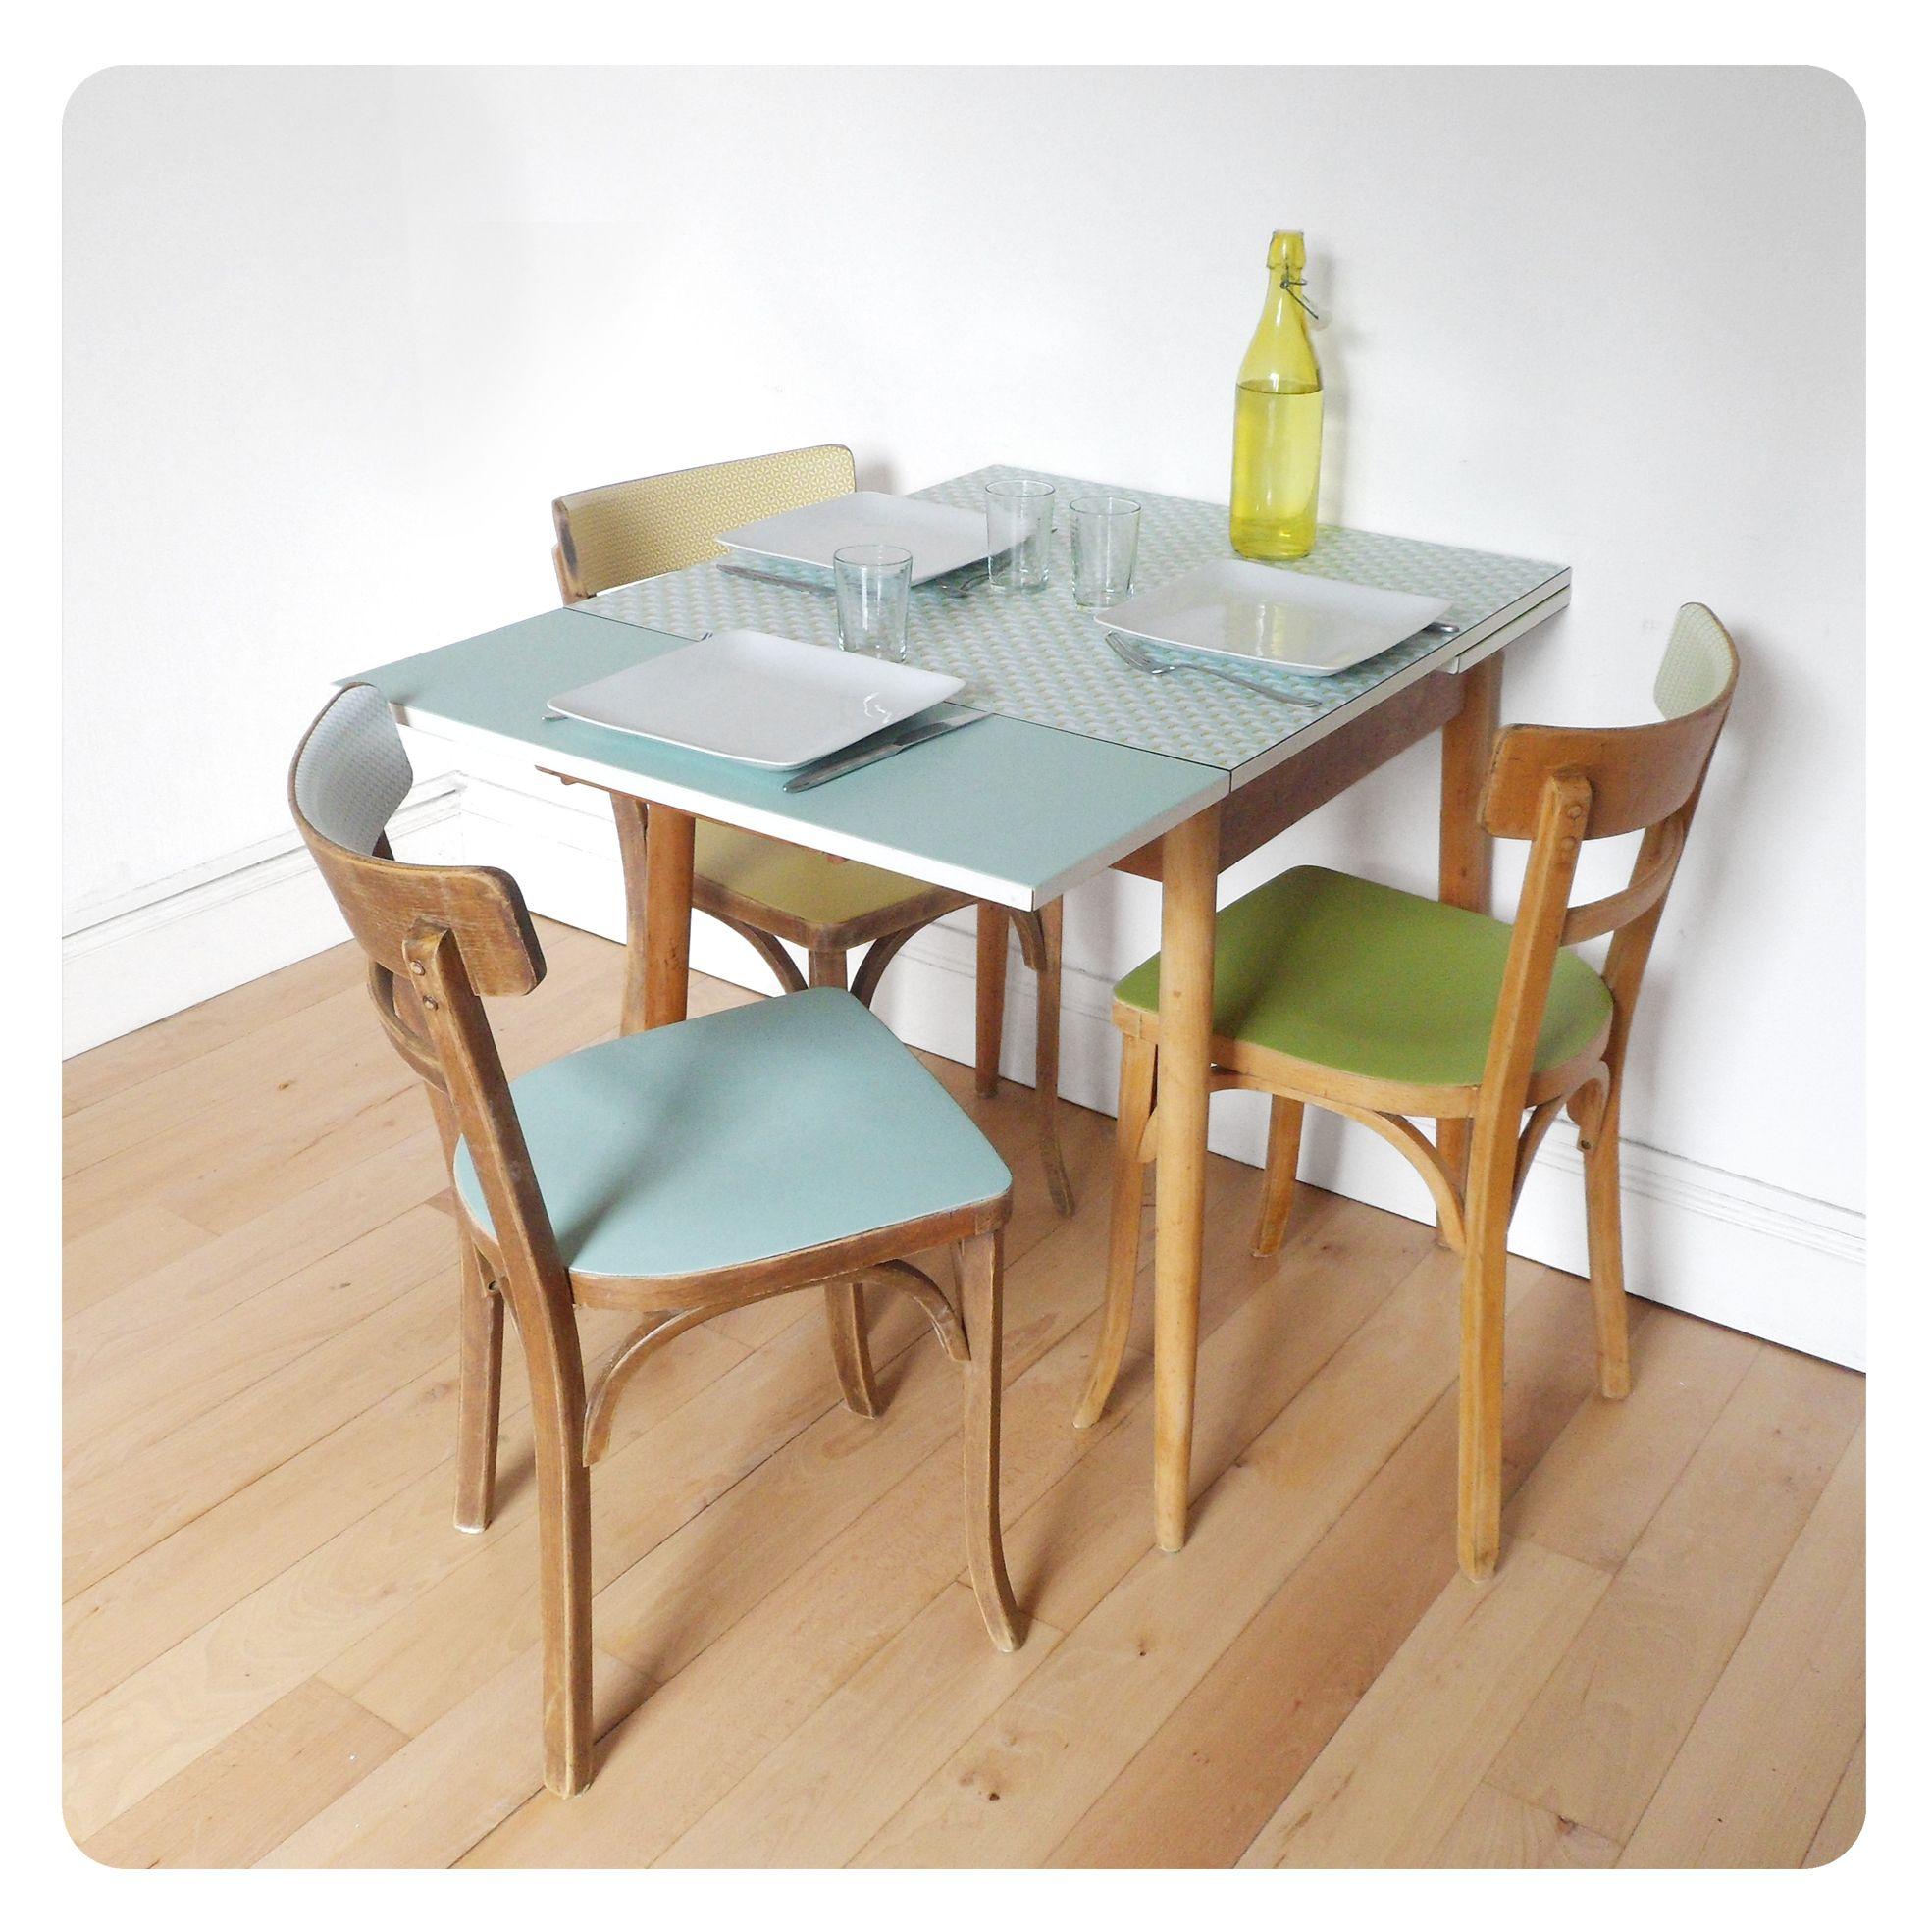 Table Formica Organiser Les Armoires De Cuisine Table Et Chaises Deco Appartement